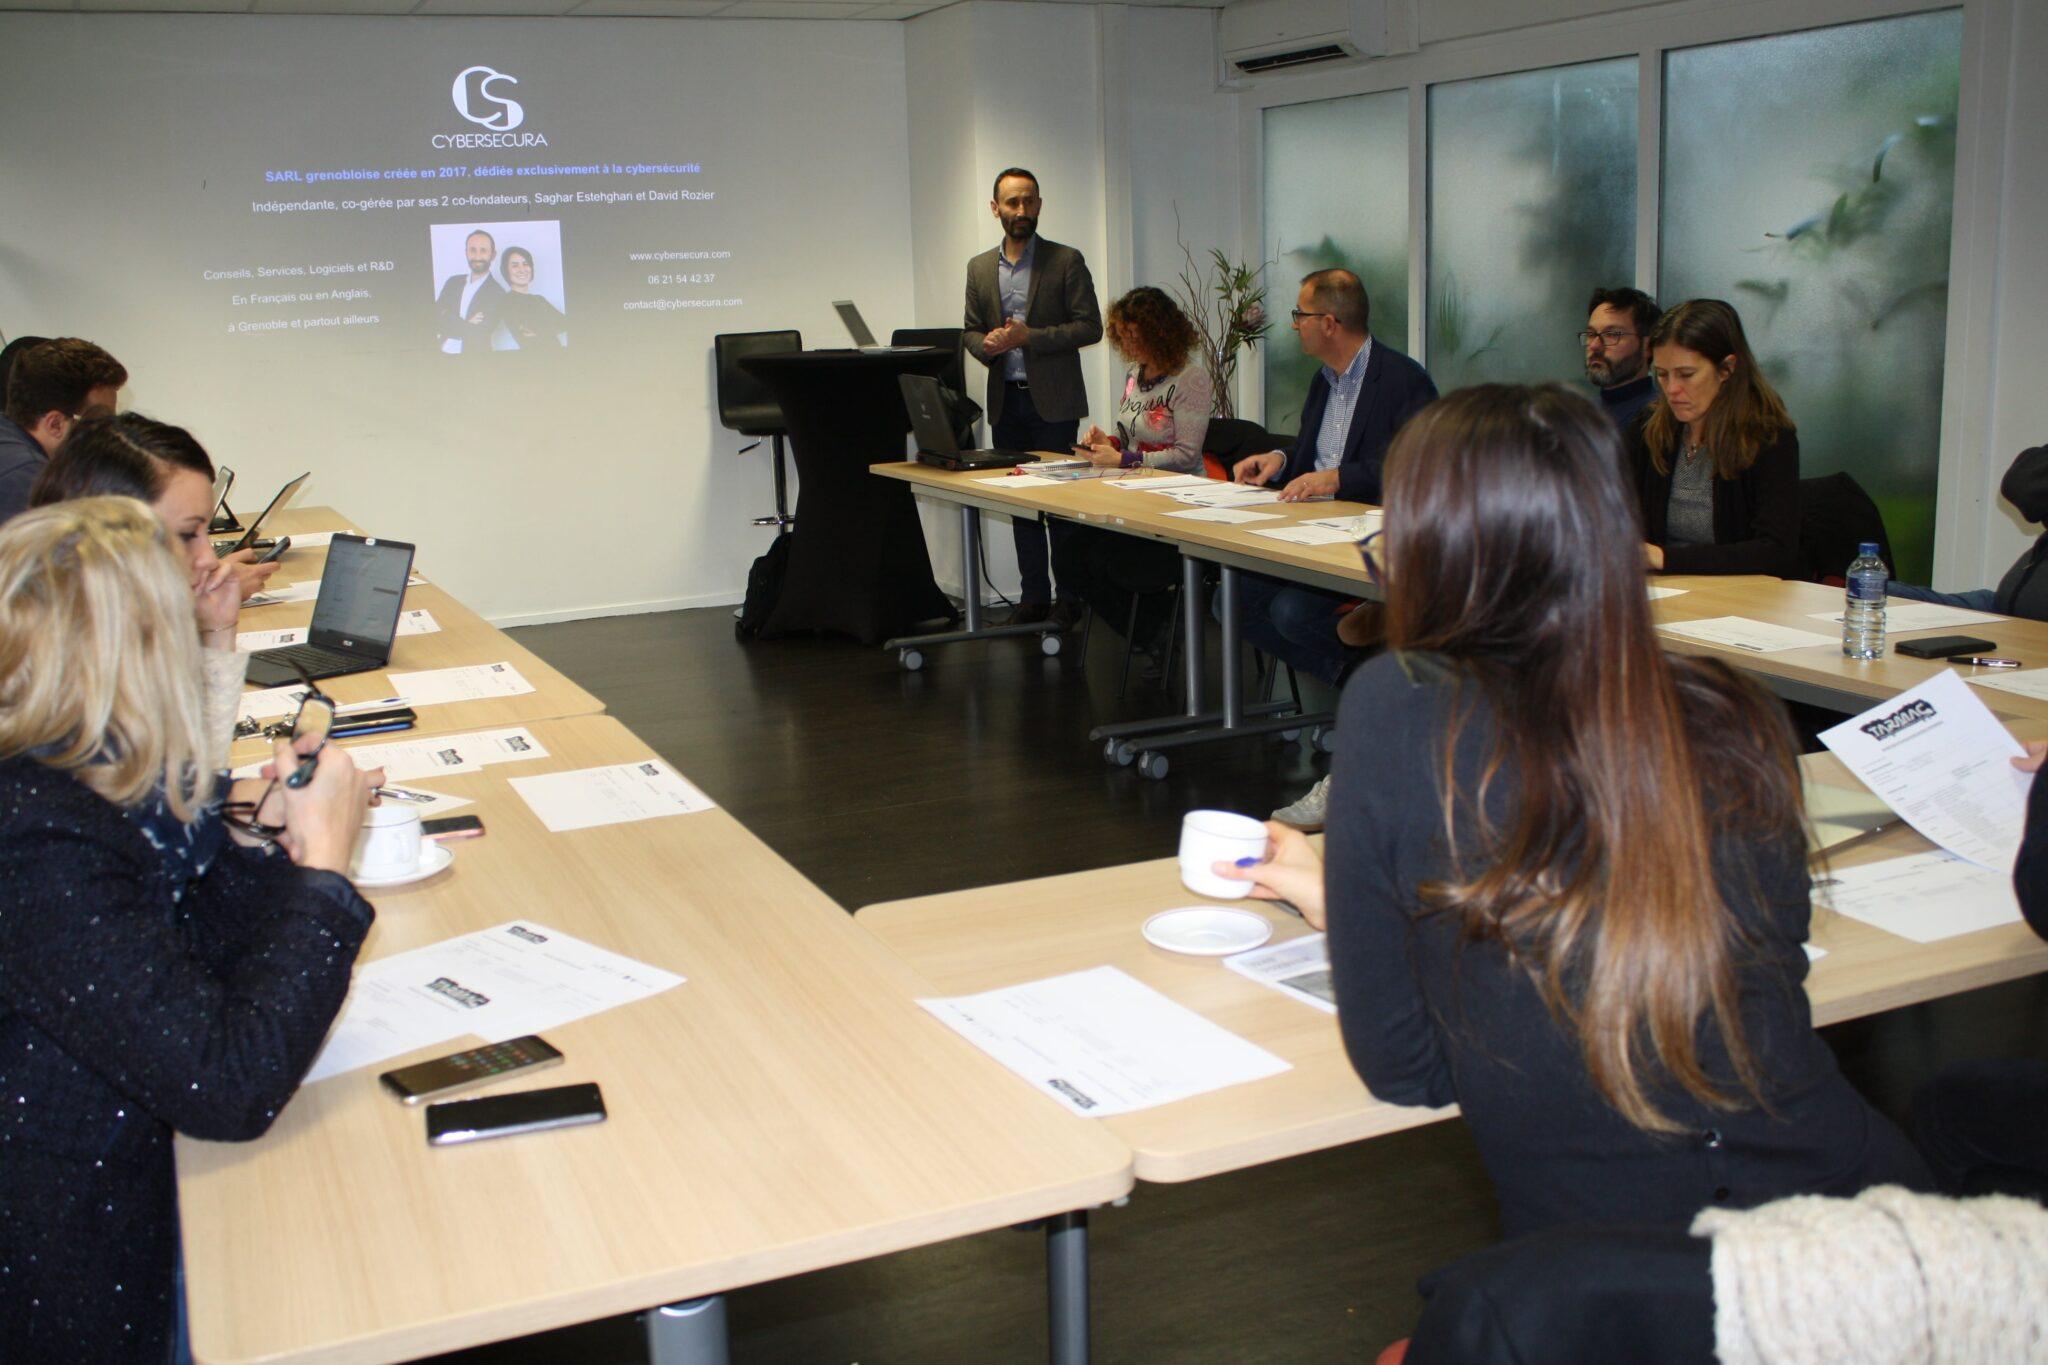 Cybersecura, projet MedTech et Caeli : 3 nouveaux entrepreneurs sélectionnés pour rejoindre le Tarmac !